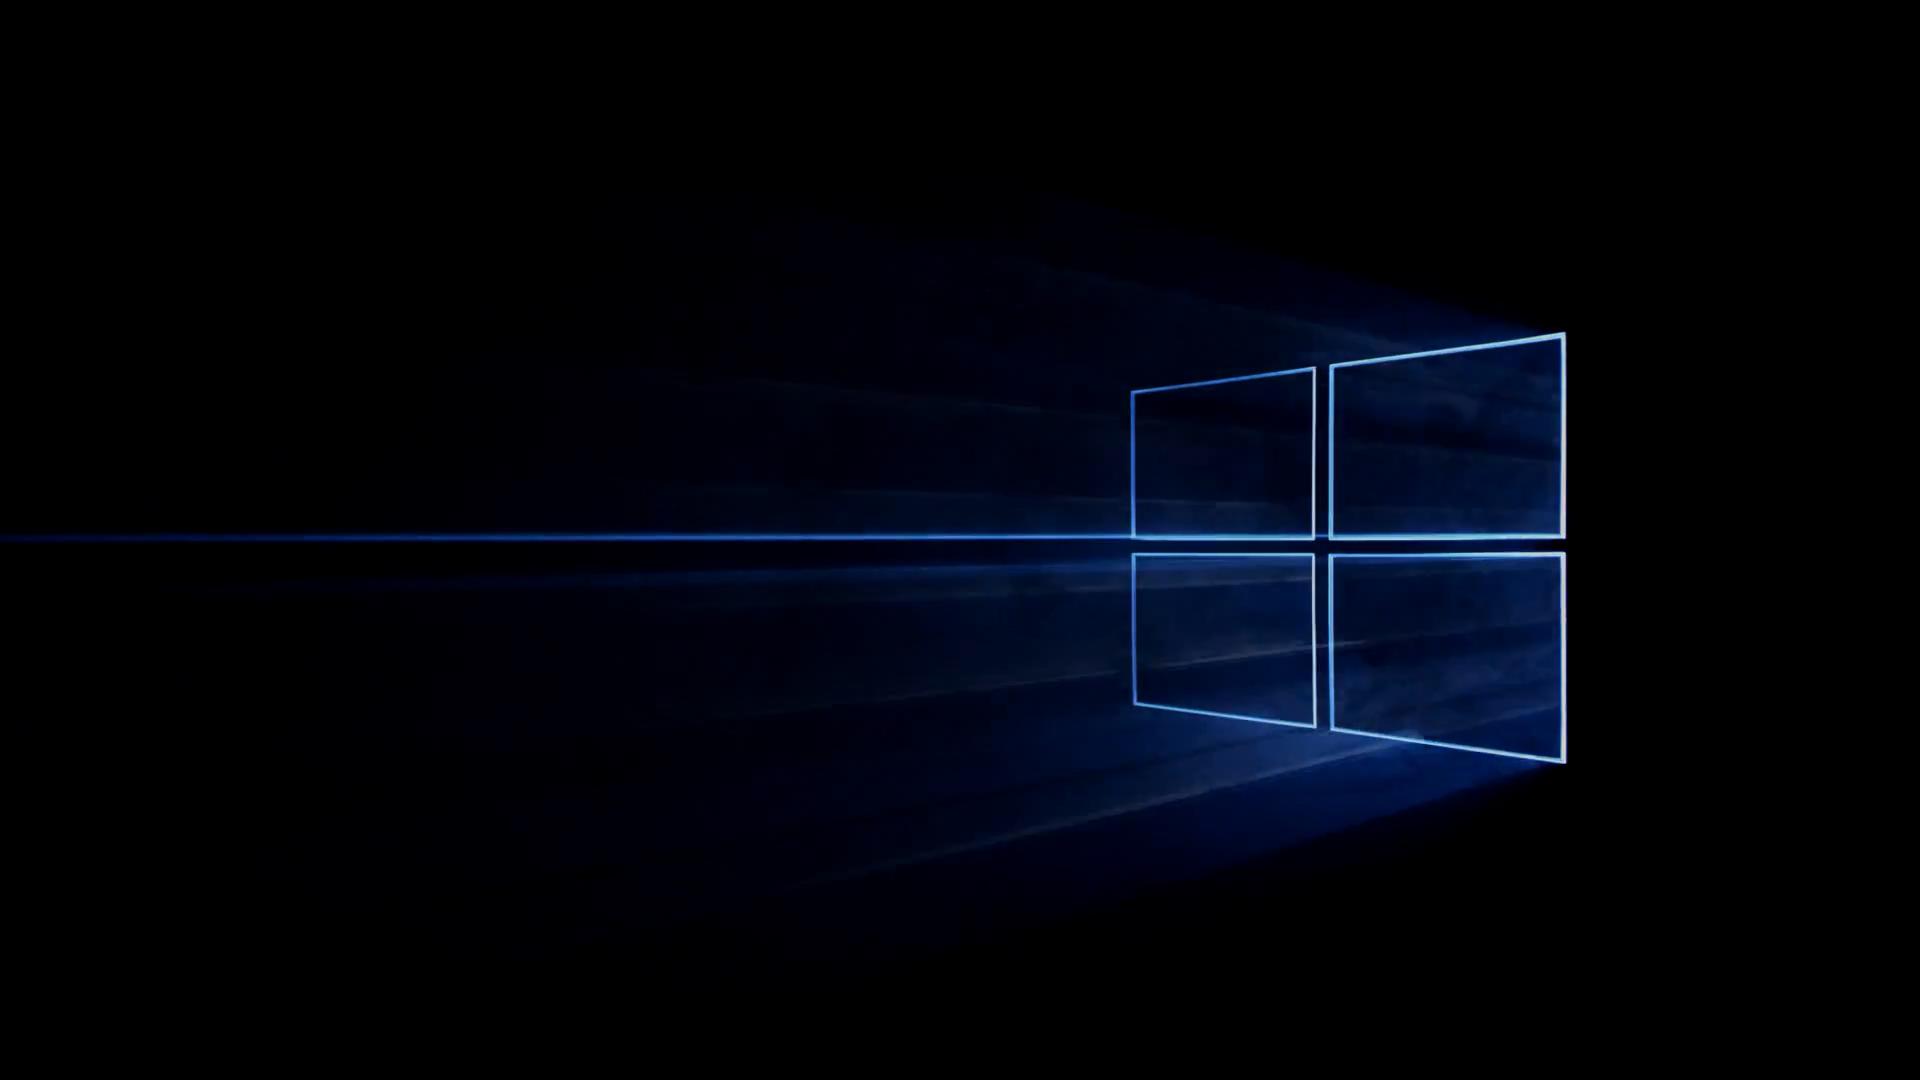 Windows 10 Fondo De Pantalla Hd Fondo De Escritorio